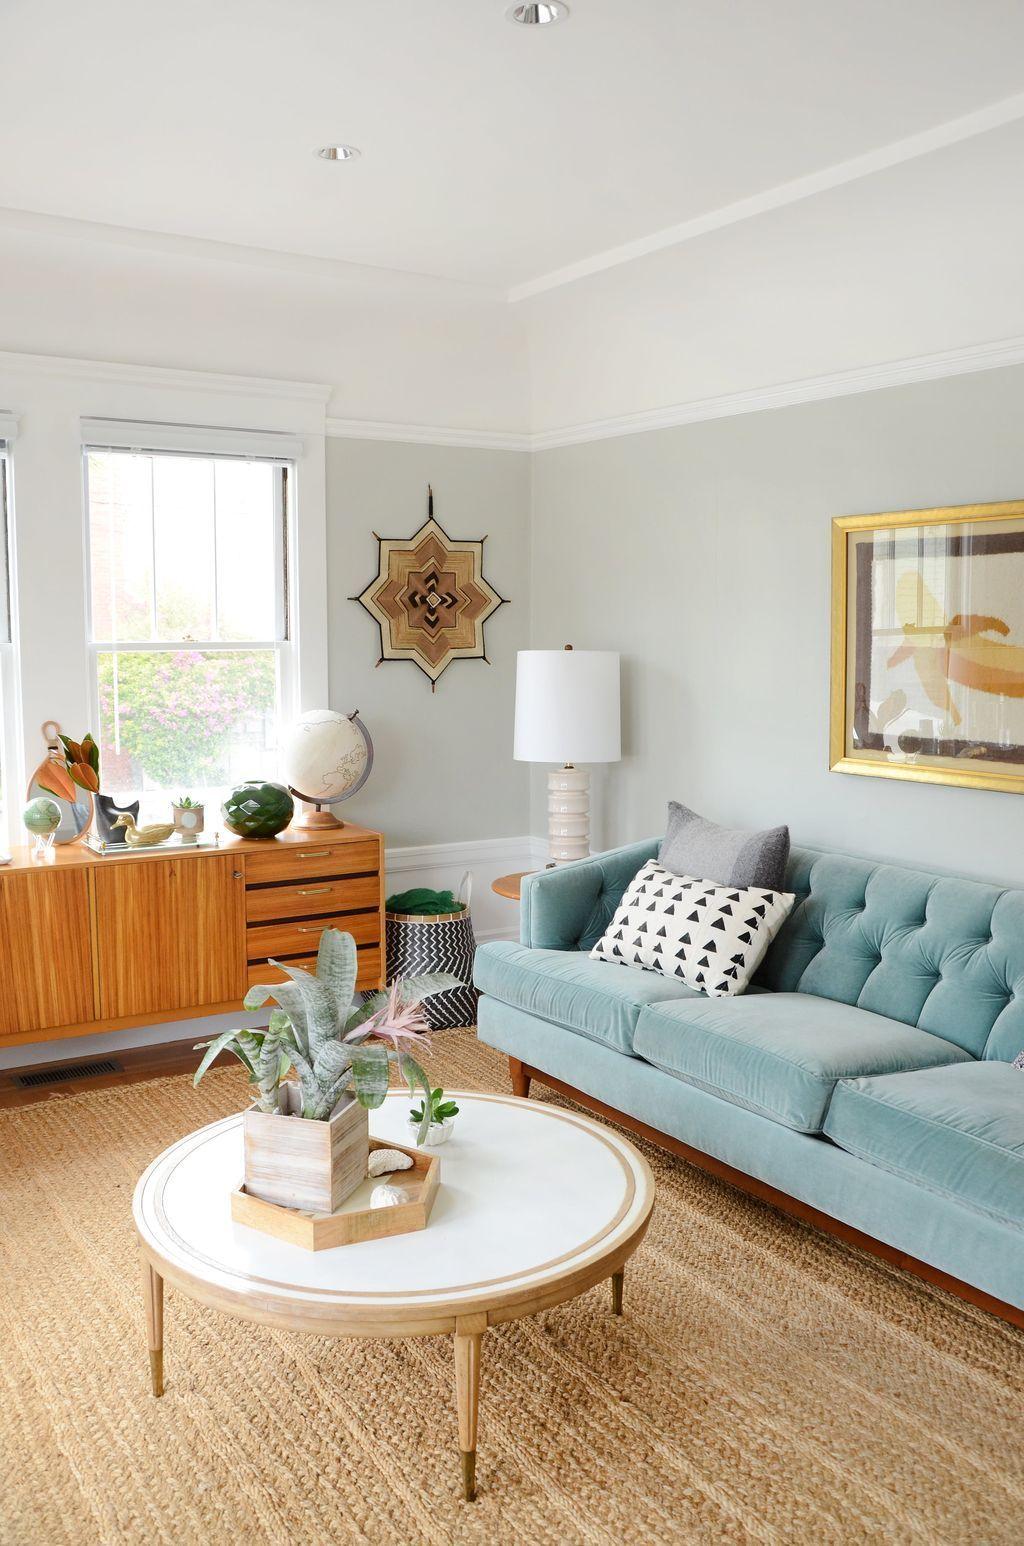 Mitte Des Jahrhunderts Modernes Sofa · Midcentury Modern · Cool 74 Mid  Century Modern Apartment Decoration Ideas